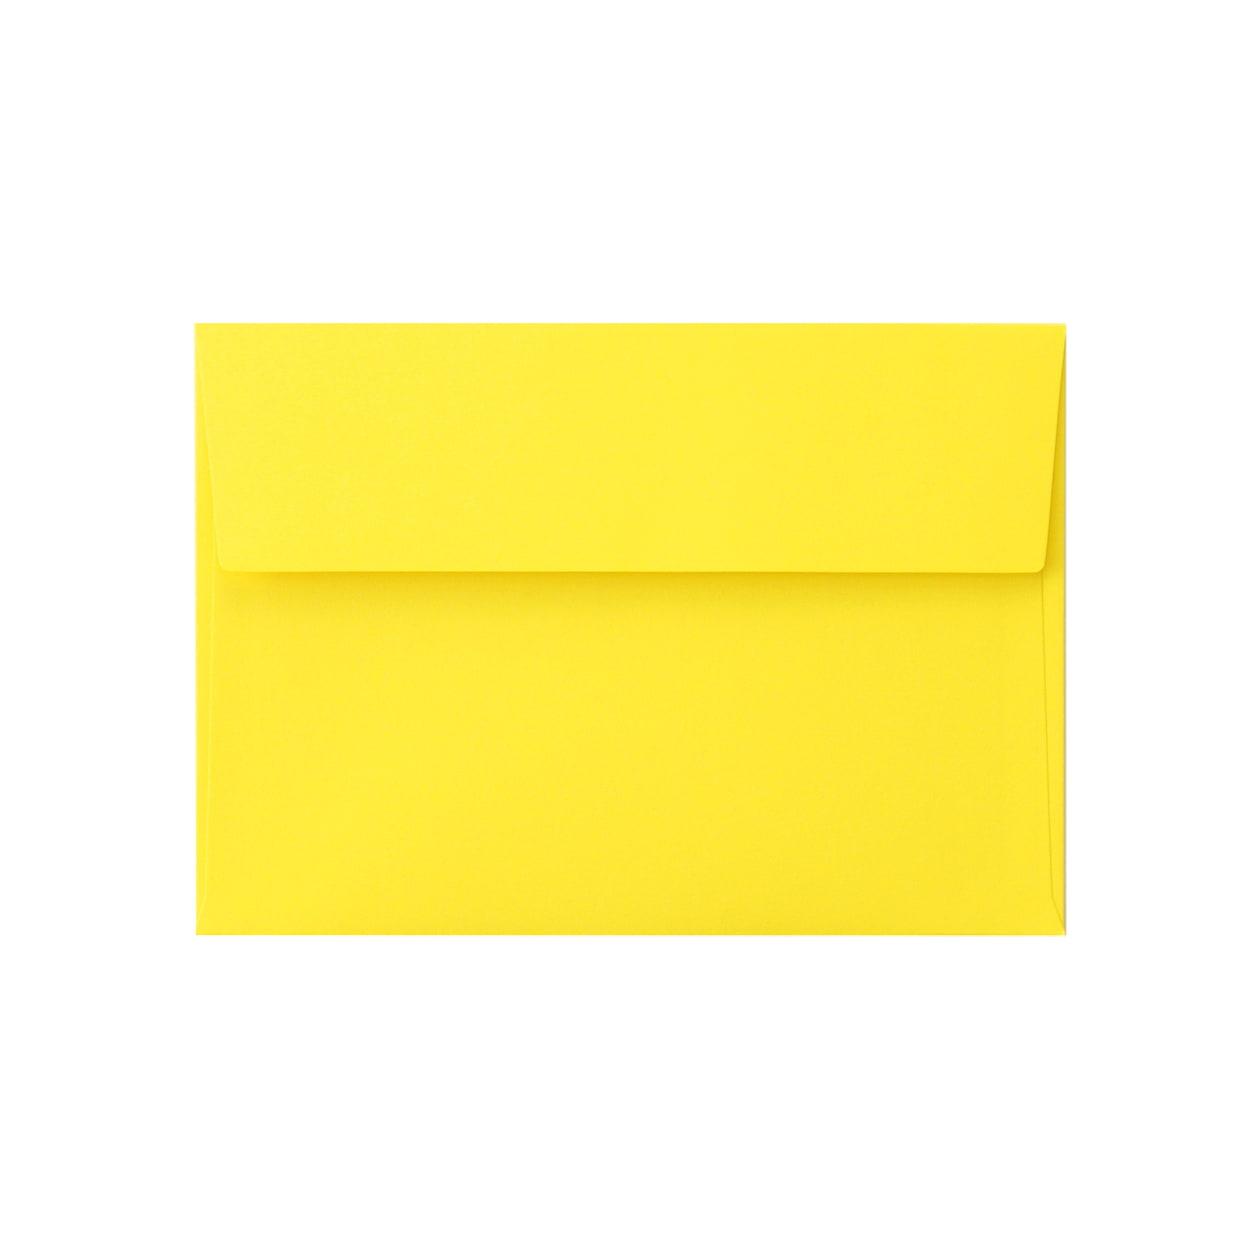 洋2カマス封筒 コットン(NTラシャ) ひまわり 116.3g